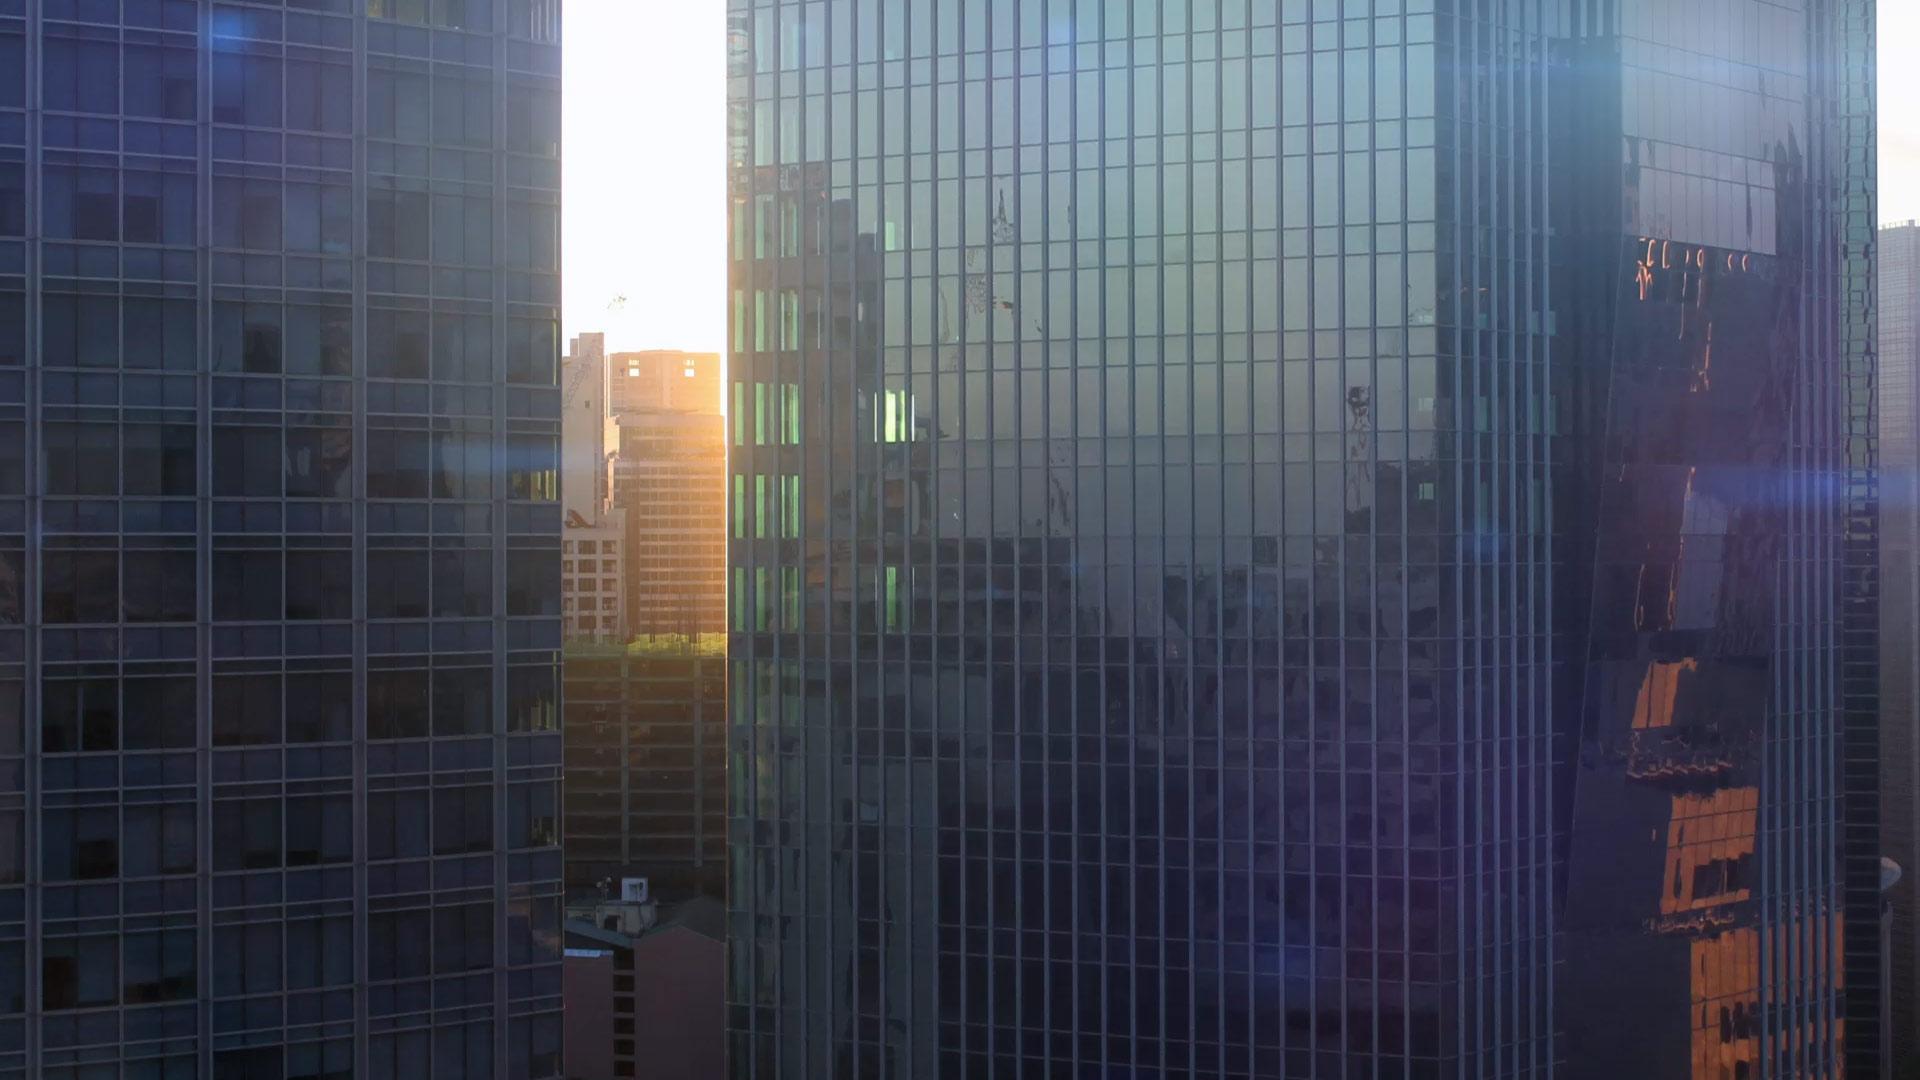 STILL-city